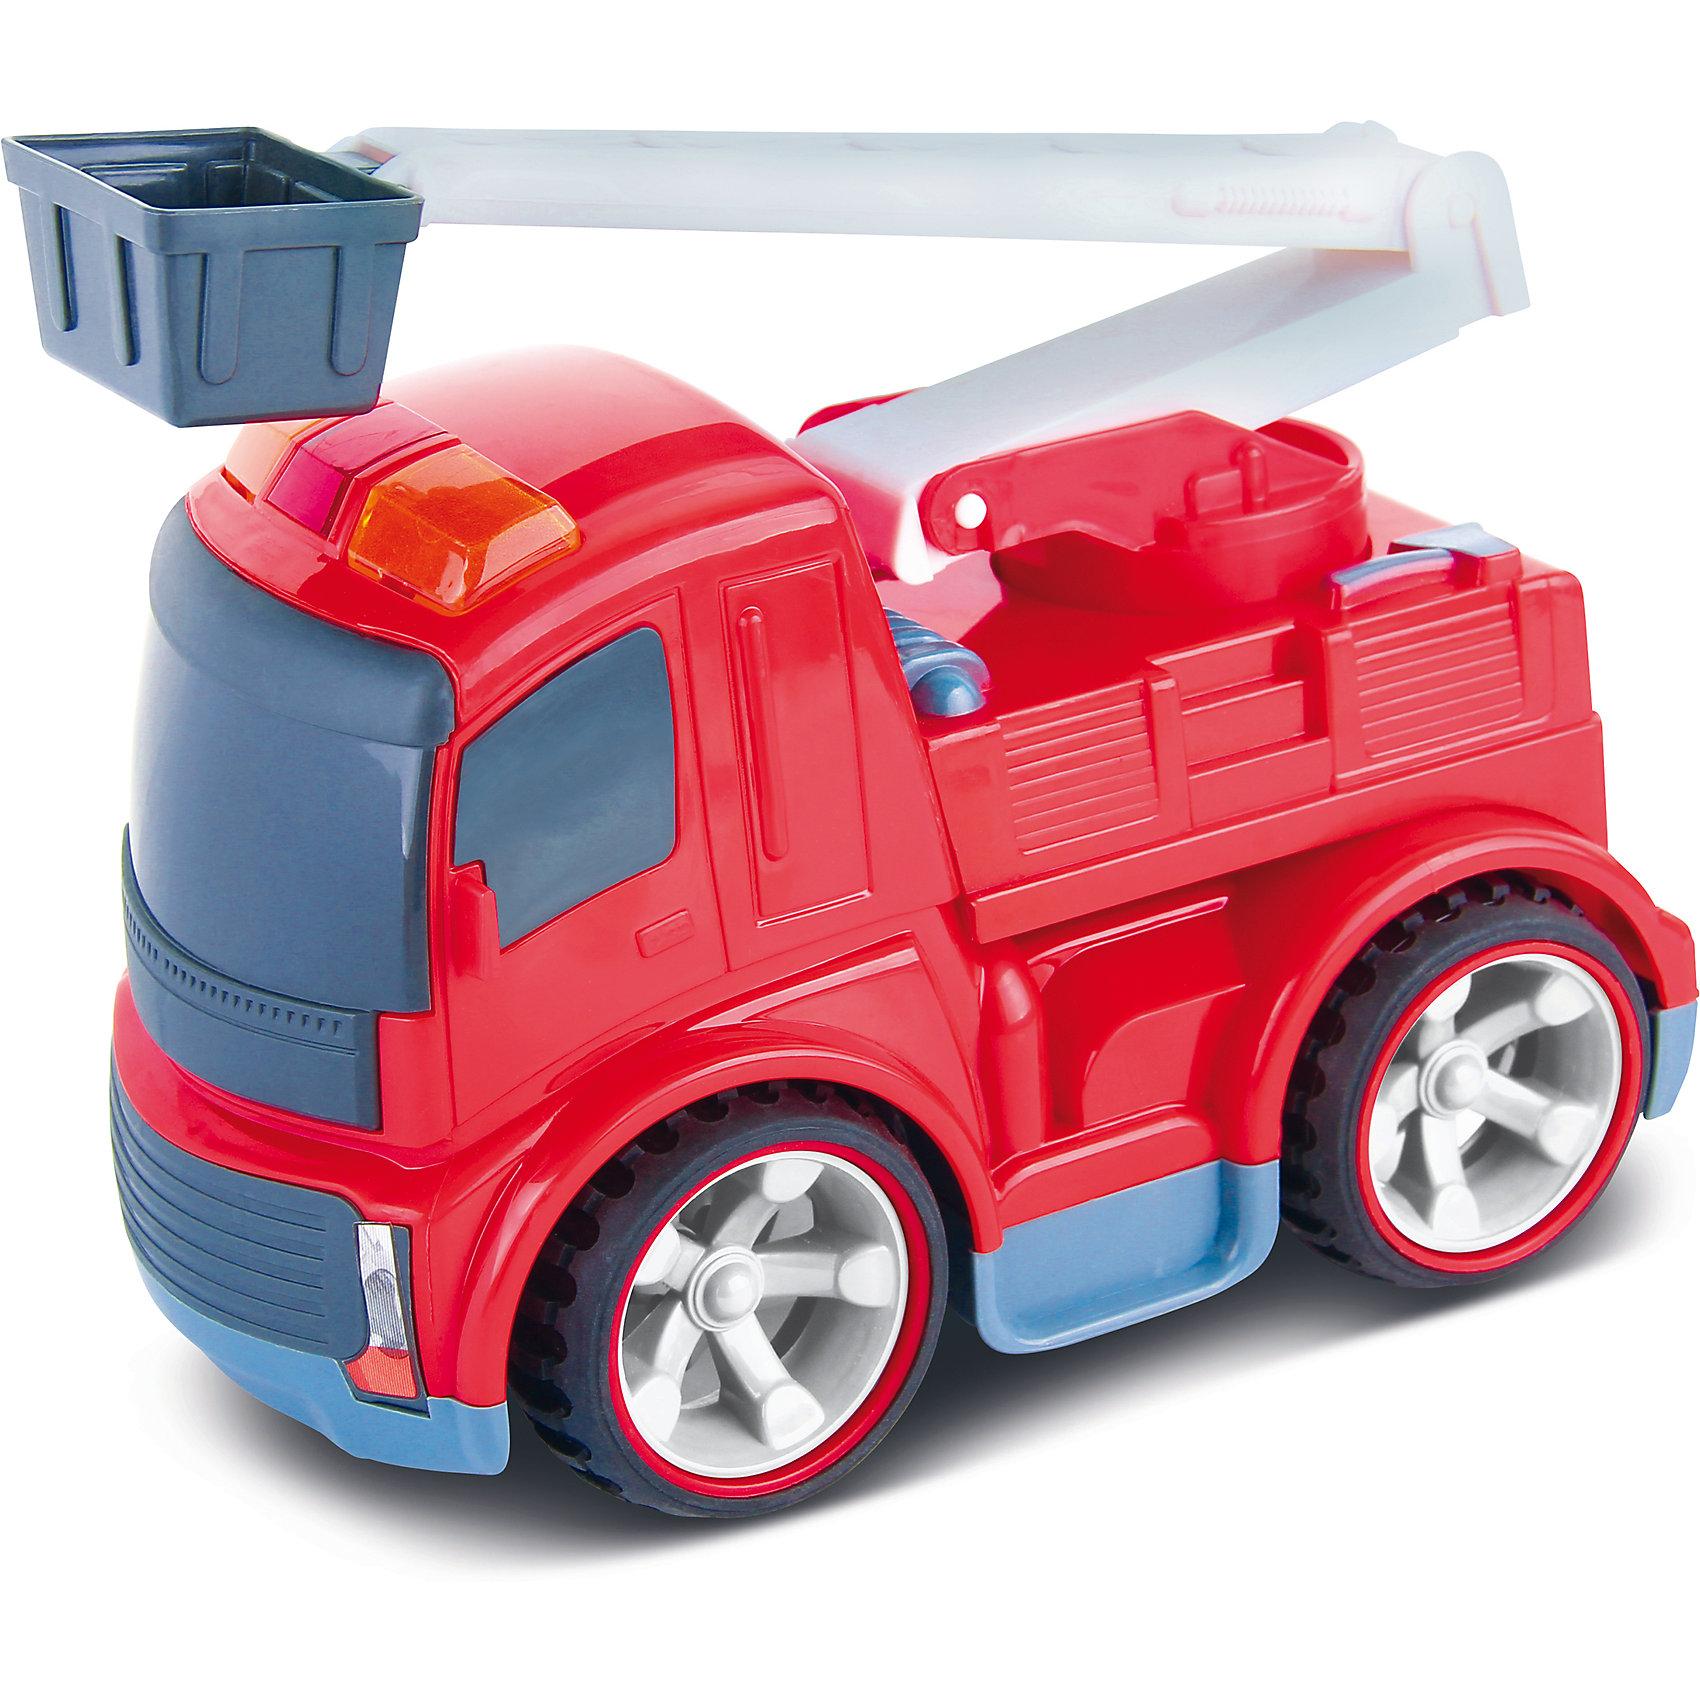 Машинка на радиоуправлении Пожарная, со звуковыми эффектамиХарактеристики пожарной машинки Bluesea:<br><br>• звуковые эффекты: сирена, работающий двигатель;<br>• световые эффекты: проблесковые маячки;<br>• инфракрасное управление;<br>• наличие пульта управления;<br>• радиус действия пульта: 1 метр;<br>• направление движения: вперед, назад, влево, вправо;<br>• прорезиненные колеса с амортизаторами;<br>• материал: пластик;<br>• размер упаковки: 30х22х20 см;<br>• вес упаковки: 745 г<br><br>Пожарная машинка со свето-звуковыми эффектами оснащена подвижными элементами: пожарная стрела поднимается, имеется люлька для спасателей, чтобы оказать помощь пострадавшим и безопасно спустить их с верхних этажей. Во время движения слышен звук работающего двигателя, во время включения задней передачи раздается предупредительный сигнал. Управление машинкой производится с пульта управления. <br><br>Машинку на радиоуправлении Пожарная, со звуковыми эффектами можно купить в нашем интернет-магазине.<br><br>Ширина мм: 21<br>Глубина мм: 31<br>Высота мм: 16<br>Вес г: 175<br>Возраст от месяцев: 36<br>Возраст до месяцев: 2147483647<br>Пол: Унисекс<br>Возраст: Детский<br>SKU: 5030383